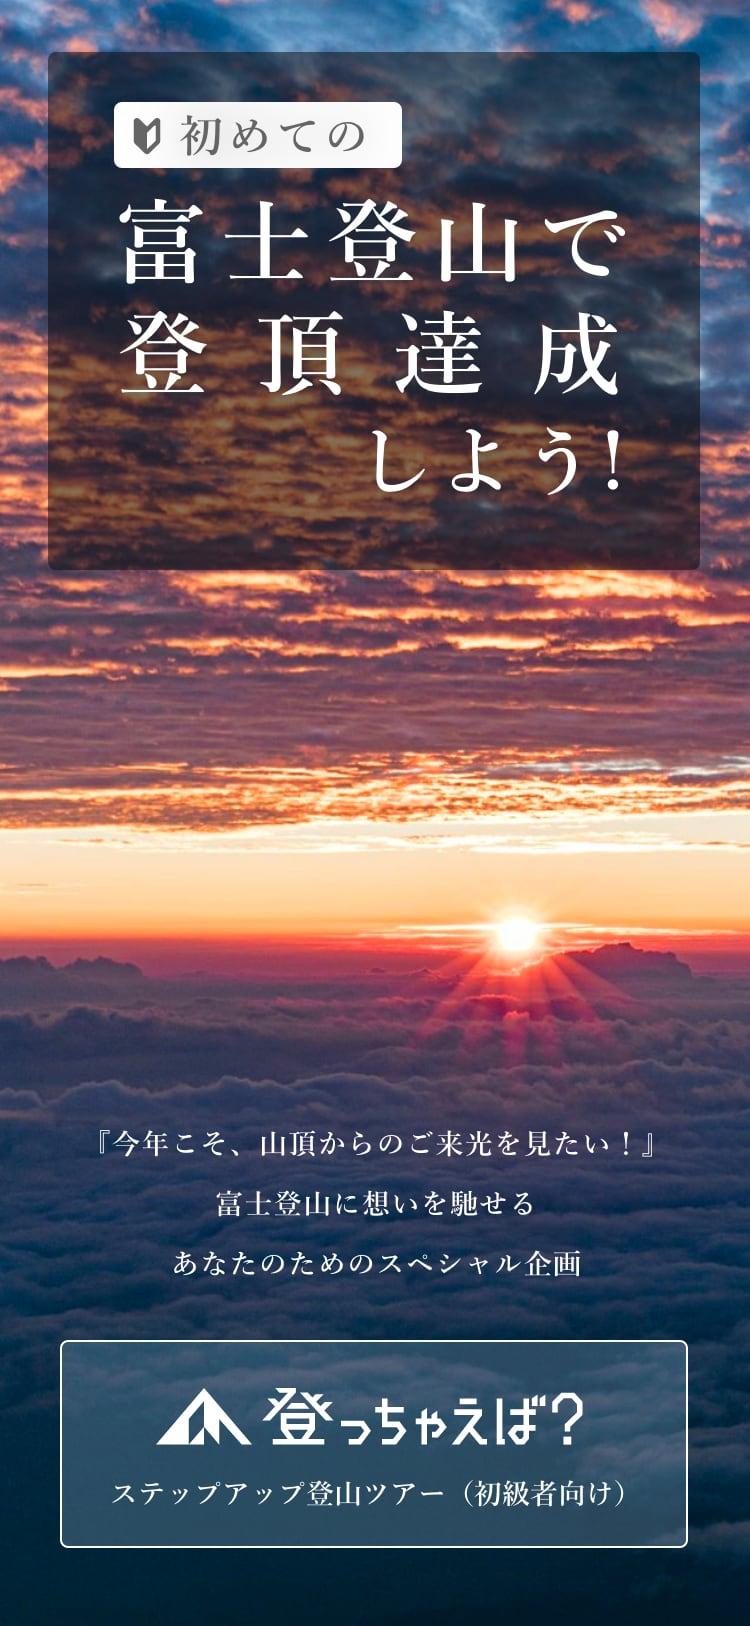 初めての富士登山で登頂達成しよう!